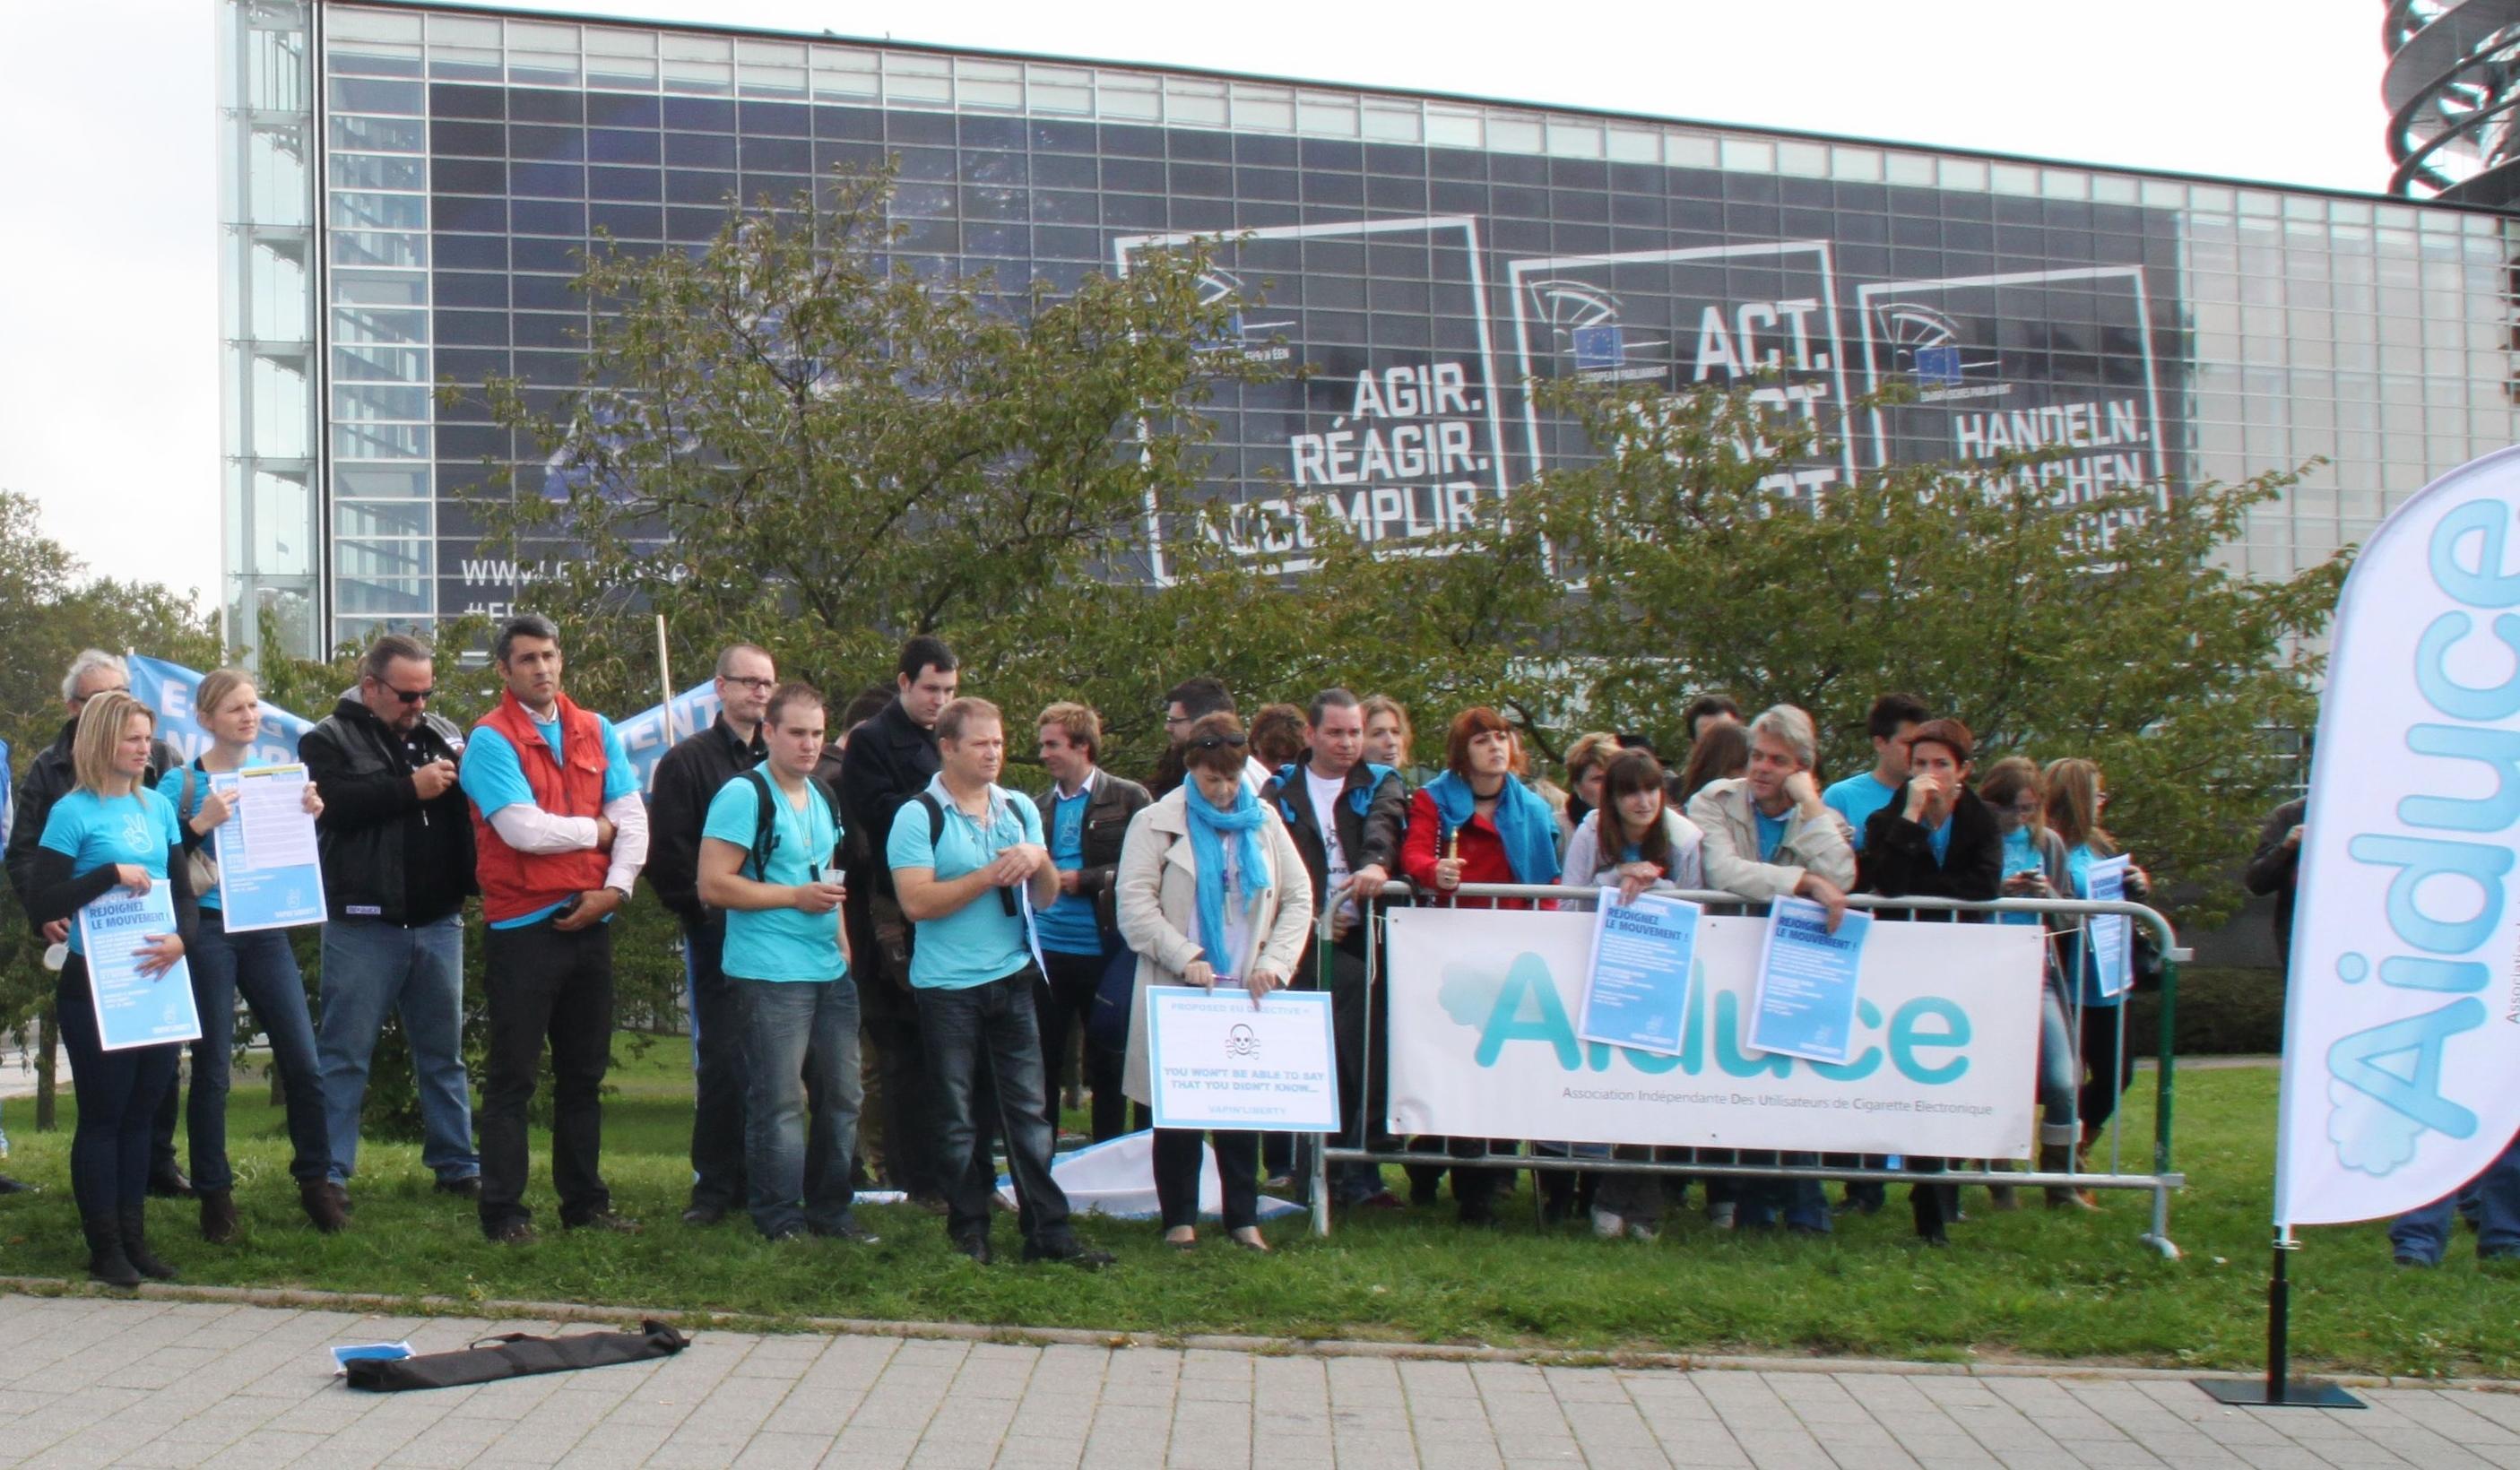 Manifestation Aiduce Parlement européen